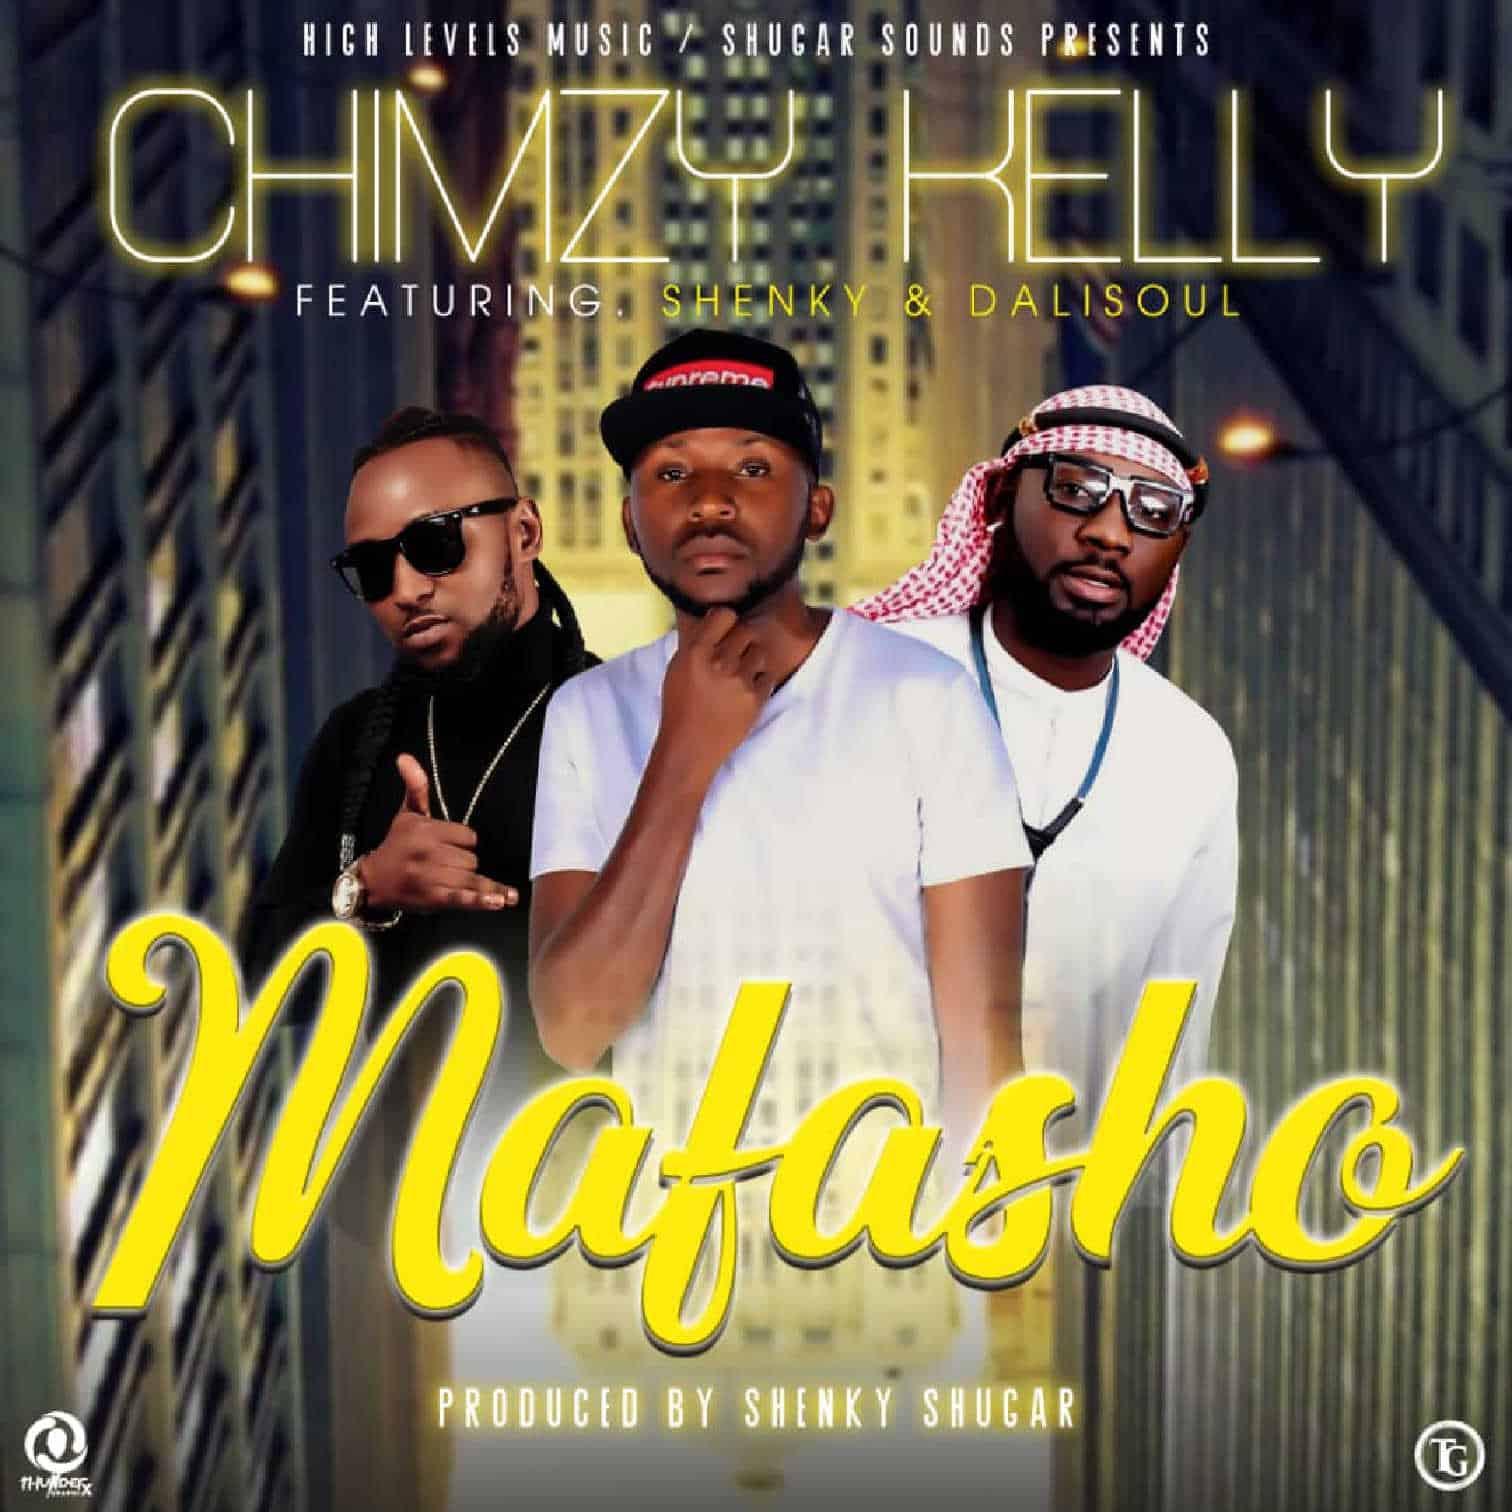 Chimzy Kelly Ft. Shenky Dalisoul Mafasho